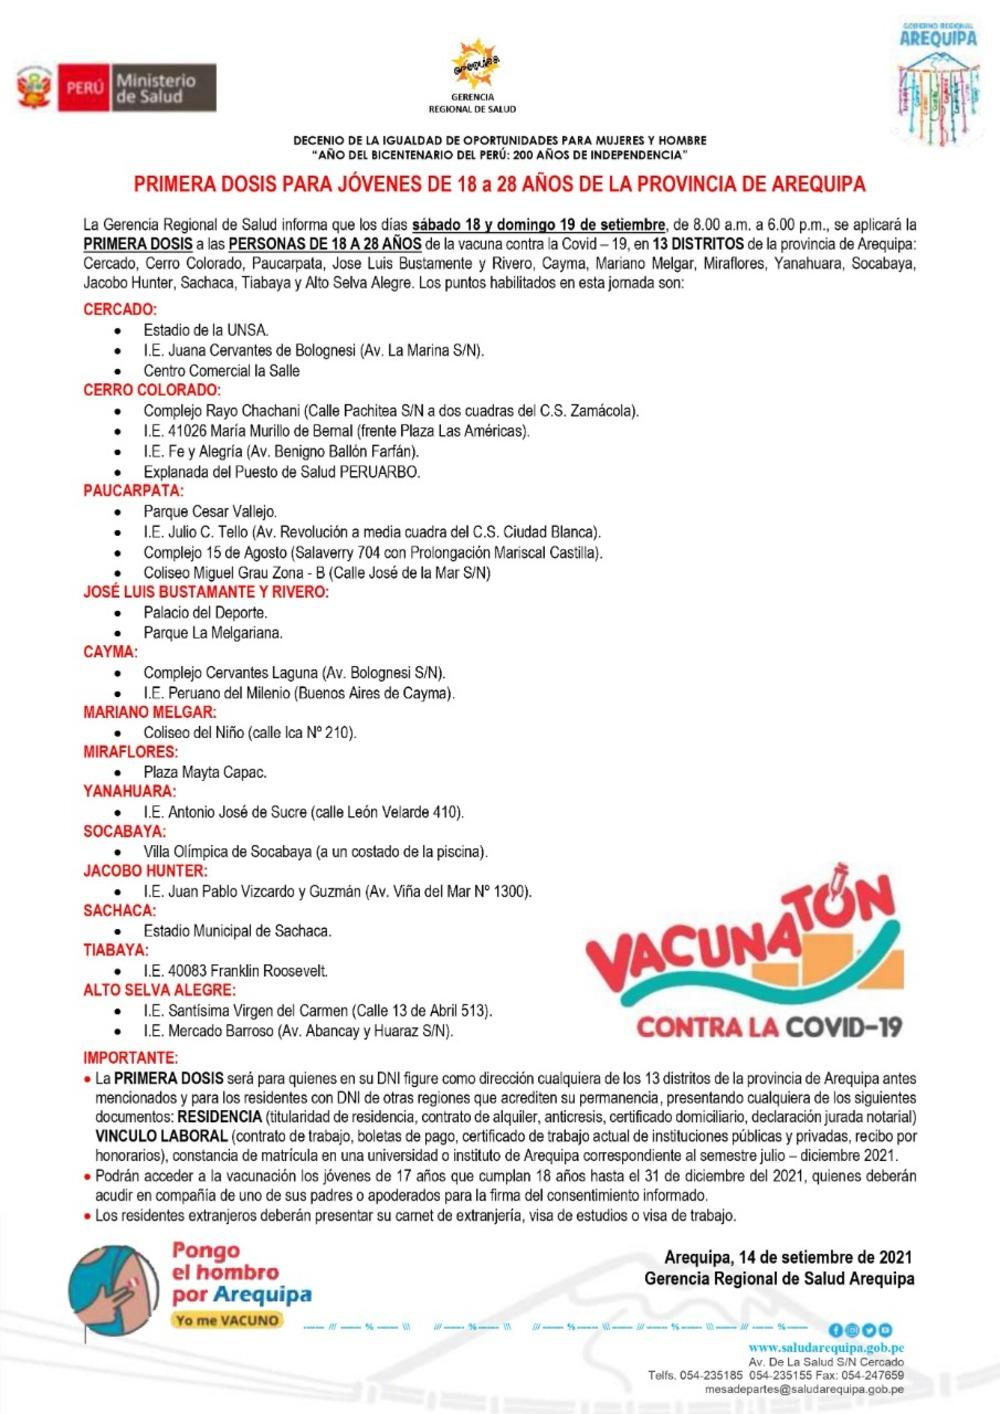 Arequipa: sábado 18 y domingo 19 se vacunarán jóvenes de 18 a 28 años, aquí detalles